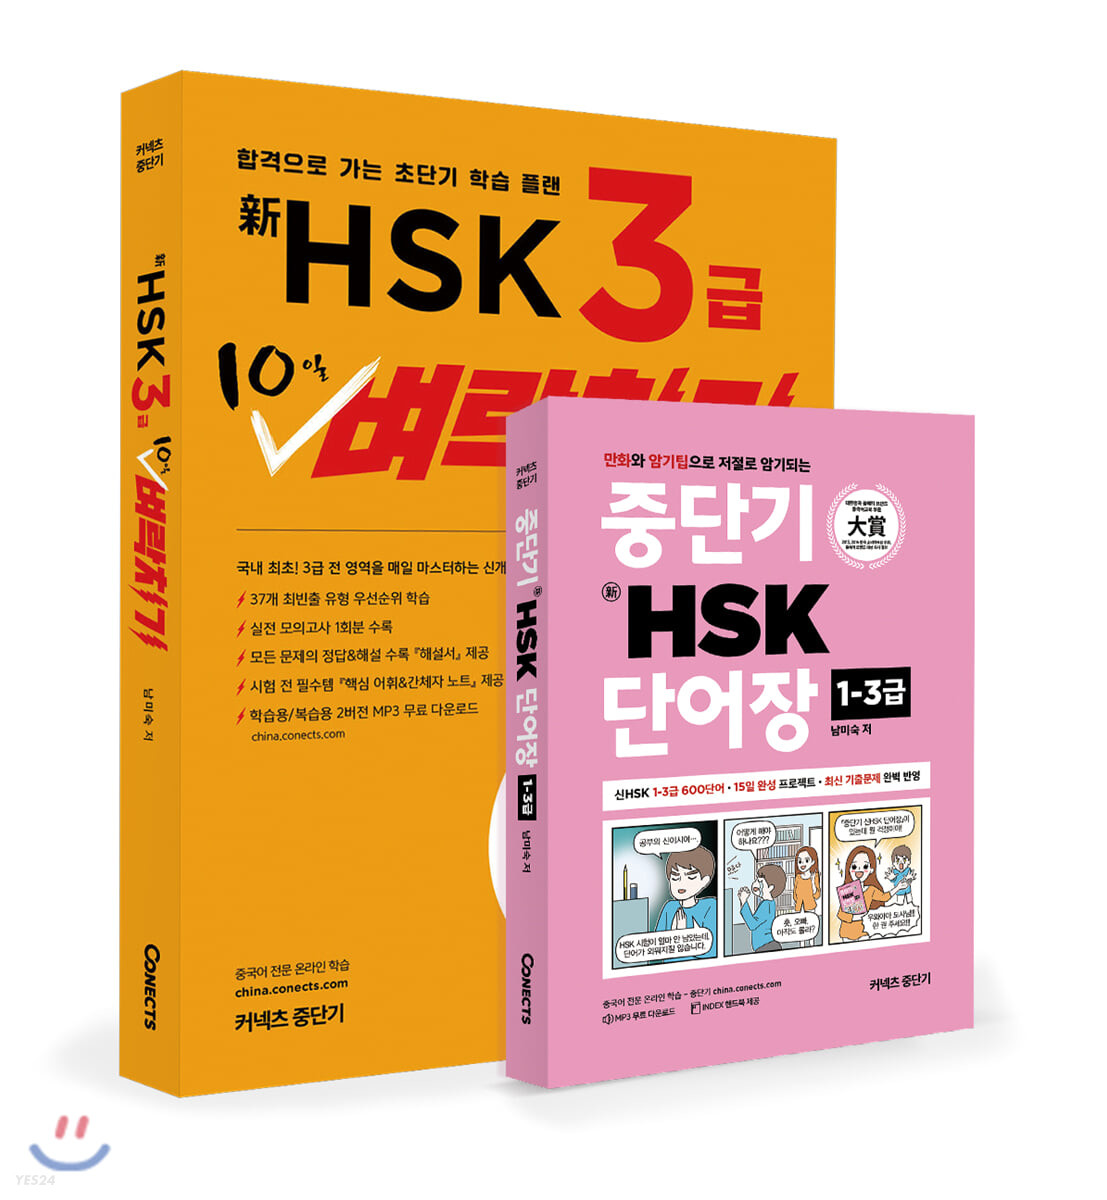 신HSK 3급 10일 벼락치기 + 중단기 新HSK 단어장 1-3급